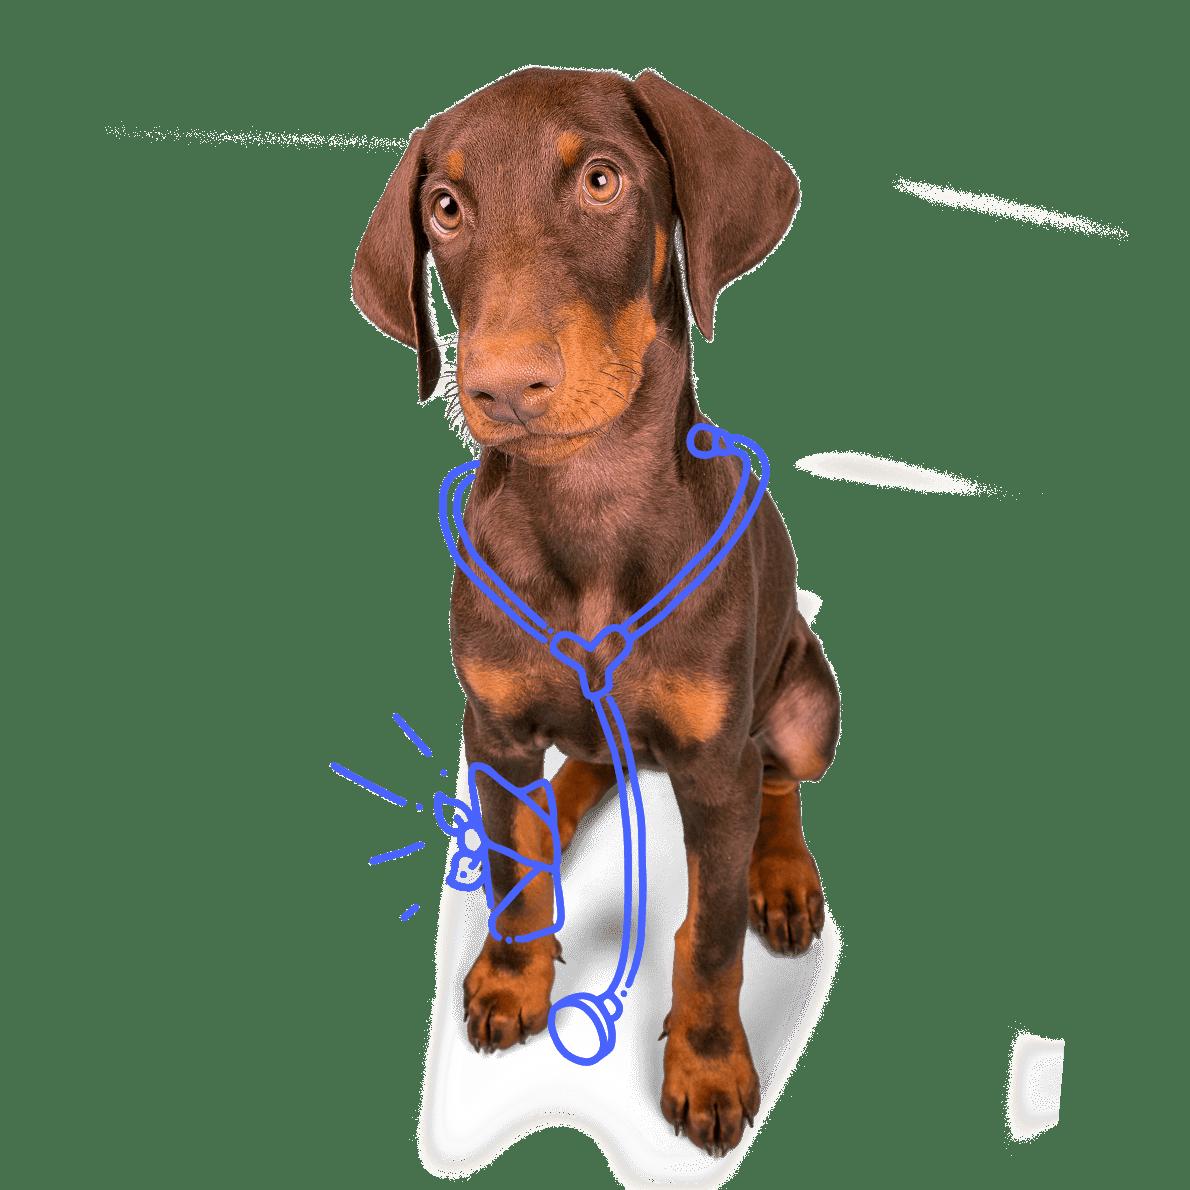 Dog with bandage and stethoscope